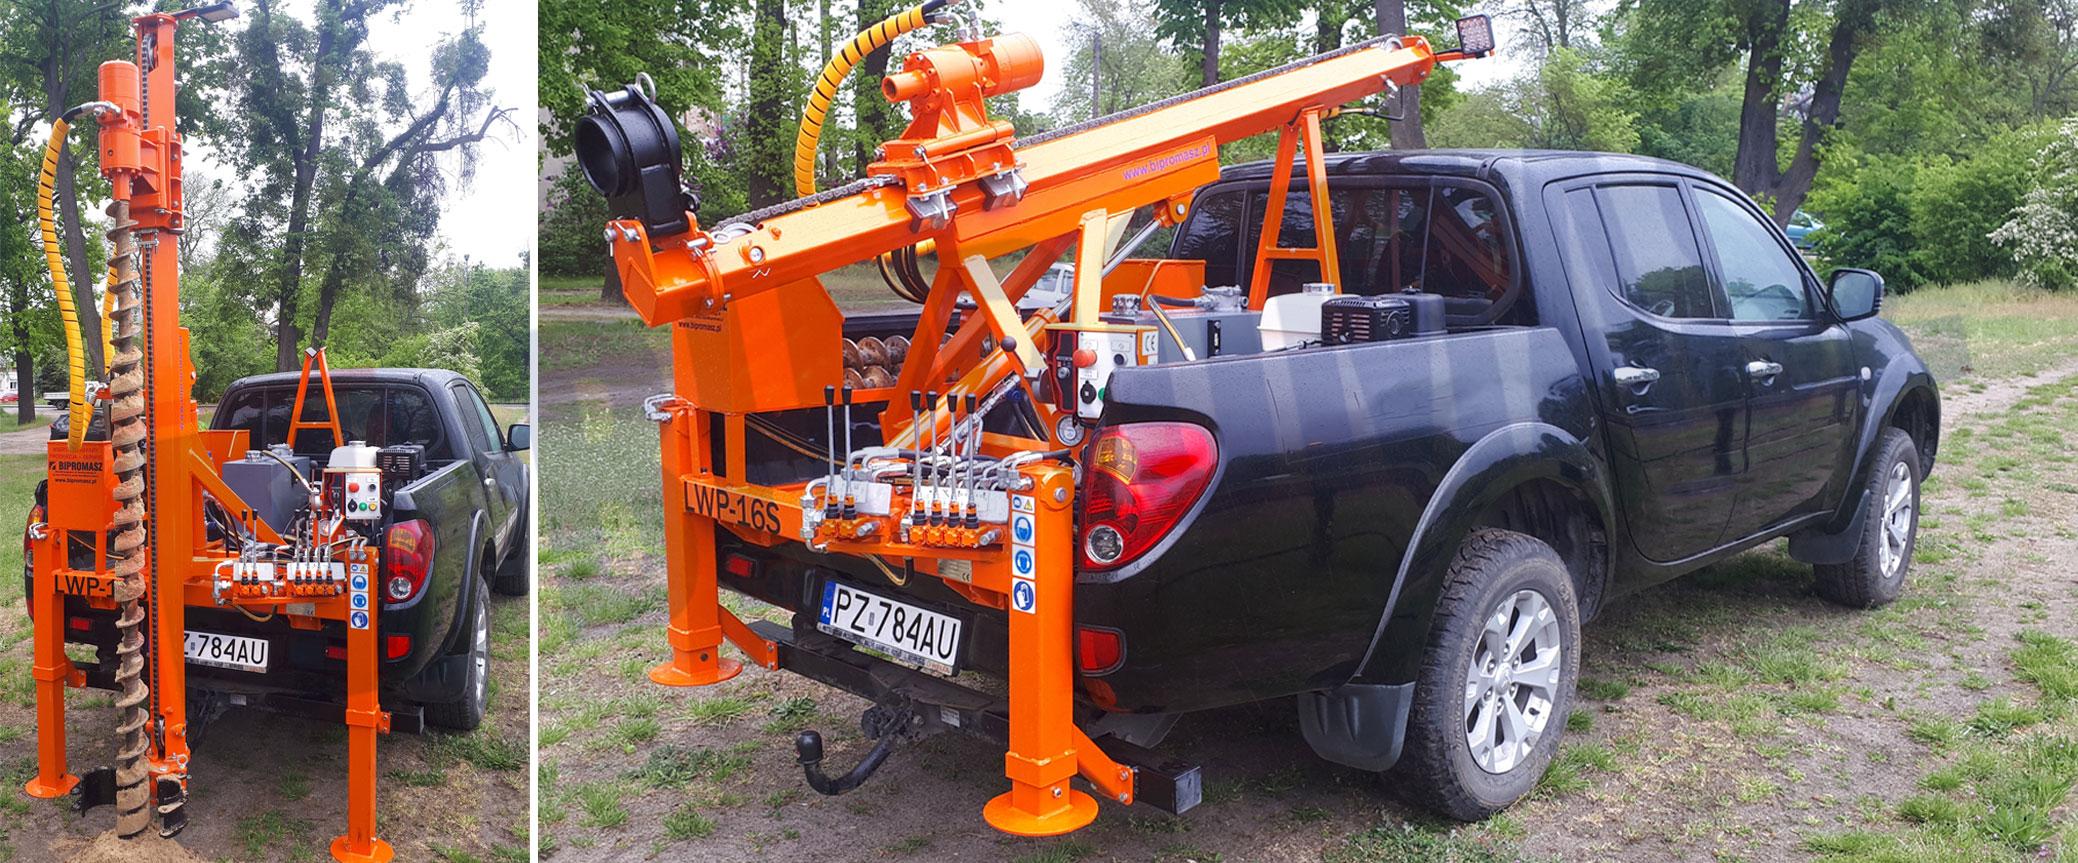 Lekka wiertnica geologiczna na samochodzie pick-up LWP-16S produkcji firmy Bipromasz